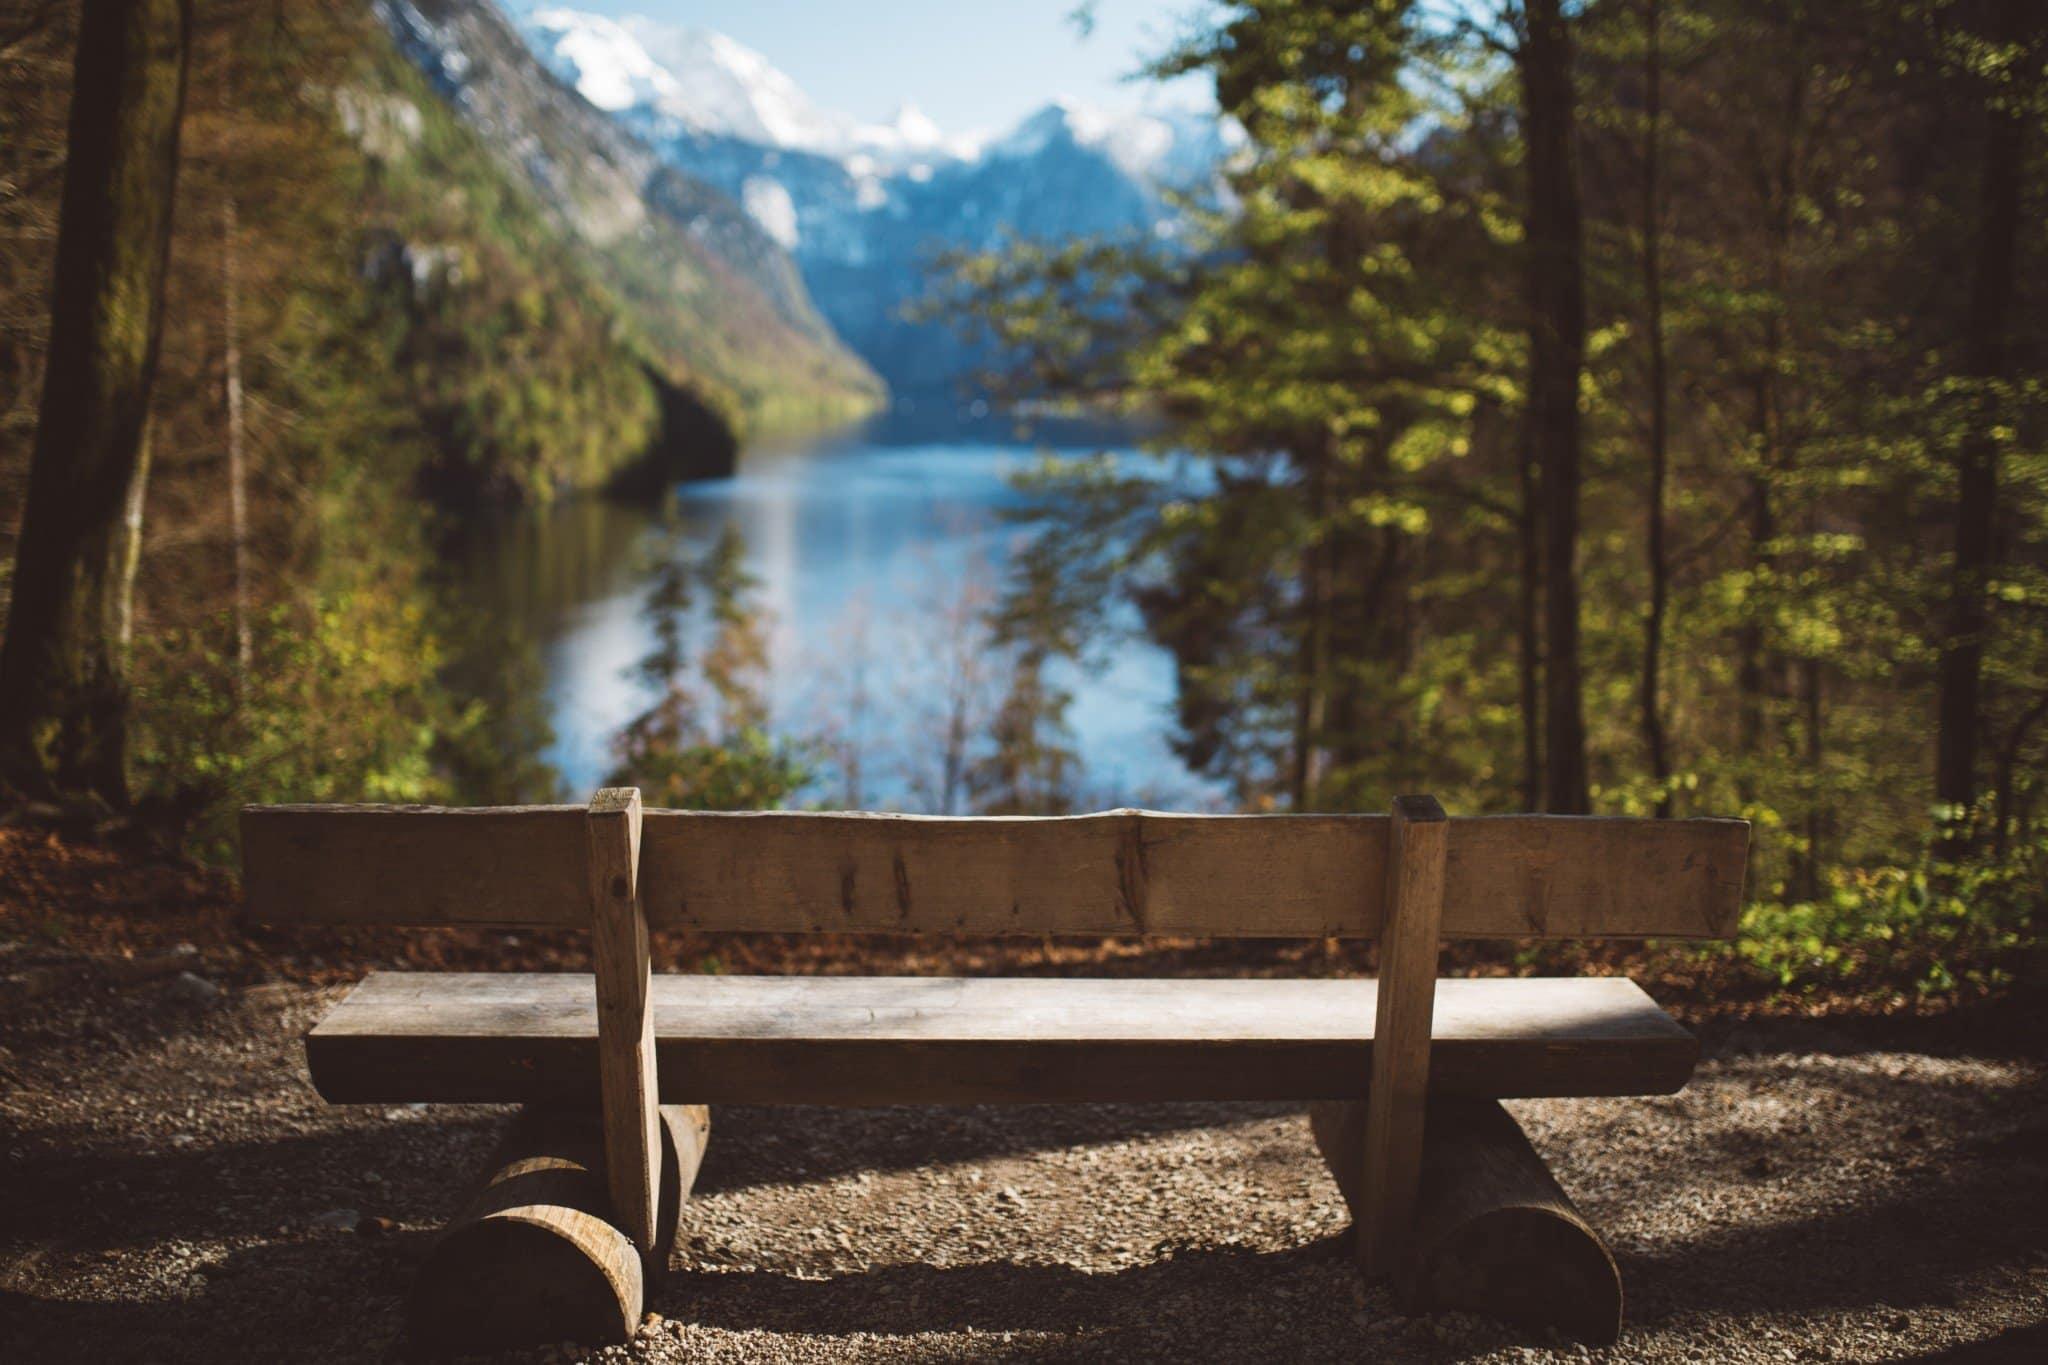 Un banc face à un lac